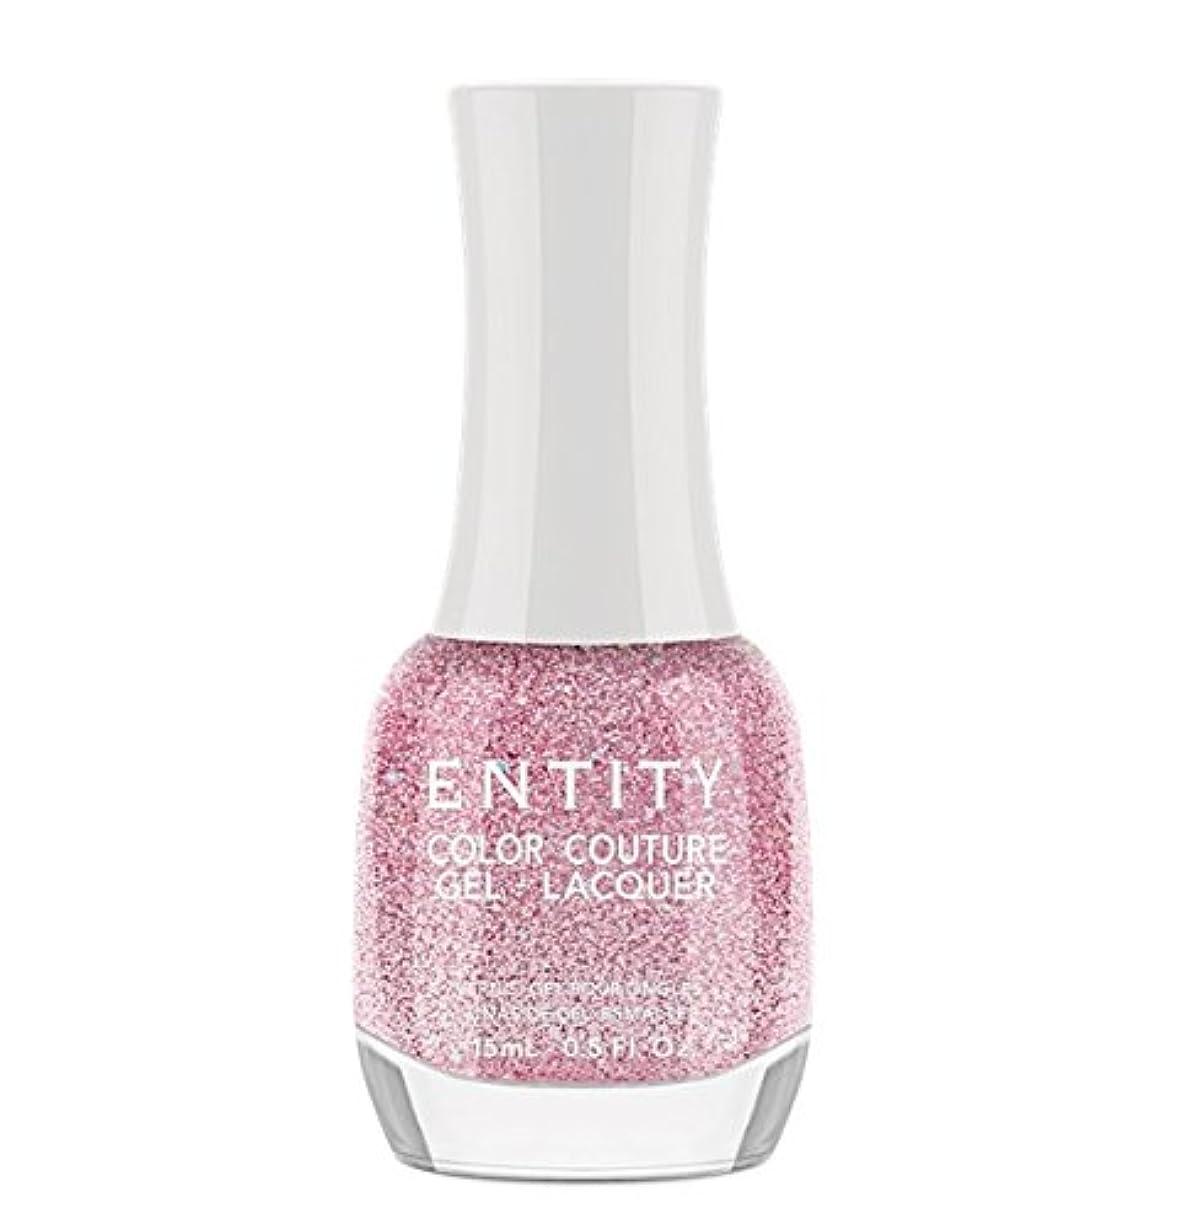 鬼ごっこ小道具強調Entity Color Couture Gel-Lacquer - Glitzerazzi - 15 ml/0.5 oz